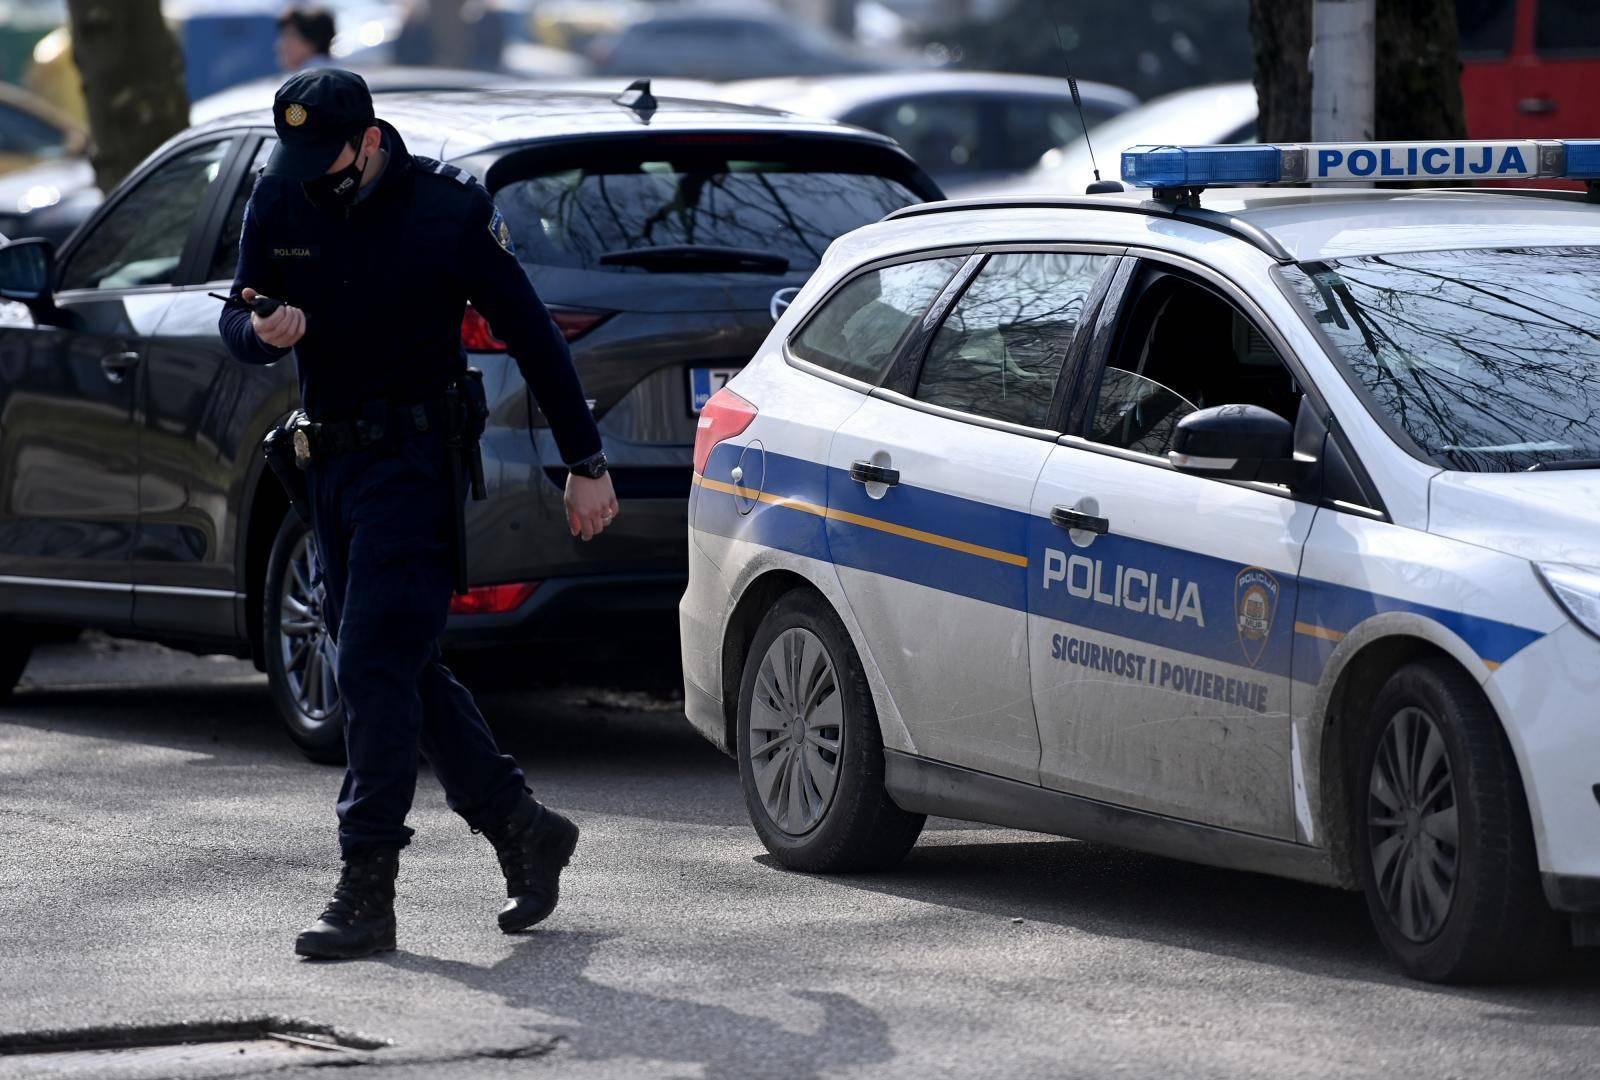 VIDEO Pucnjava u Dugavama: 'Pregovarao je s policajcima, odjedanput se čuo pucanj'